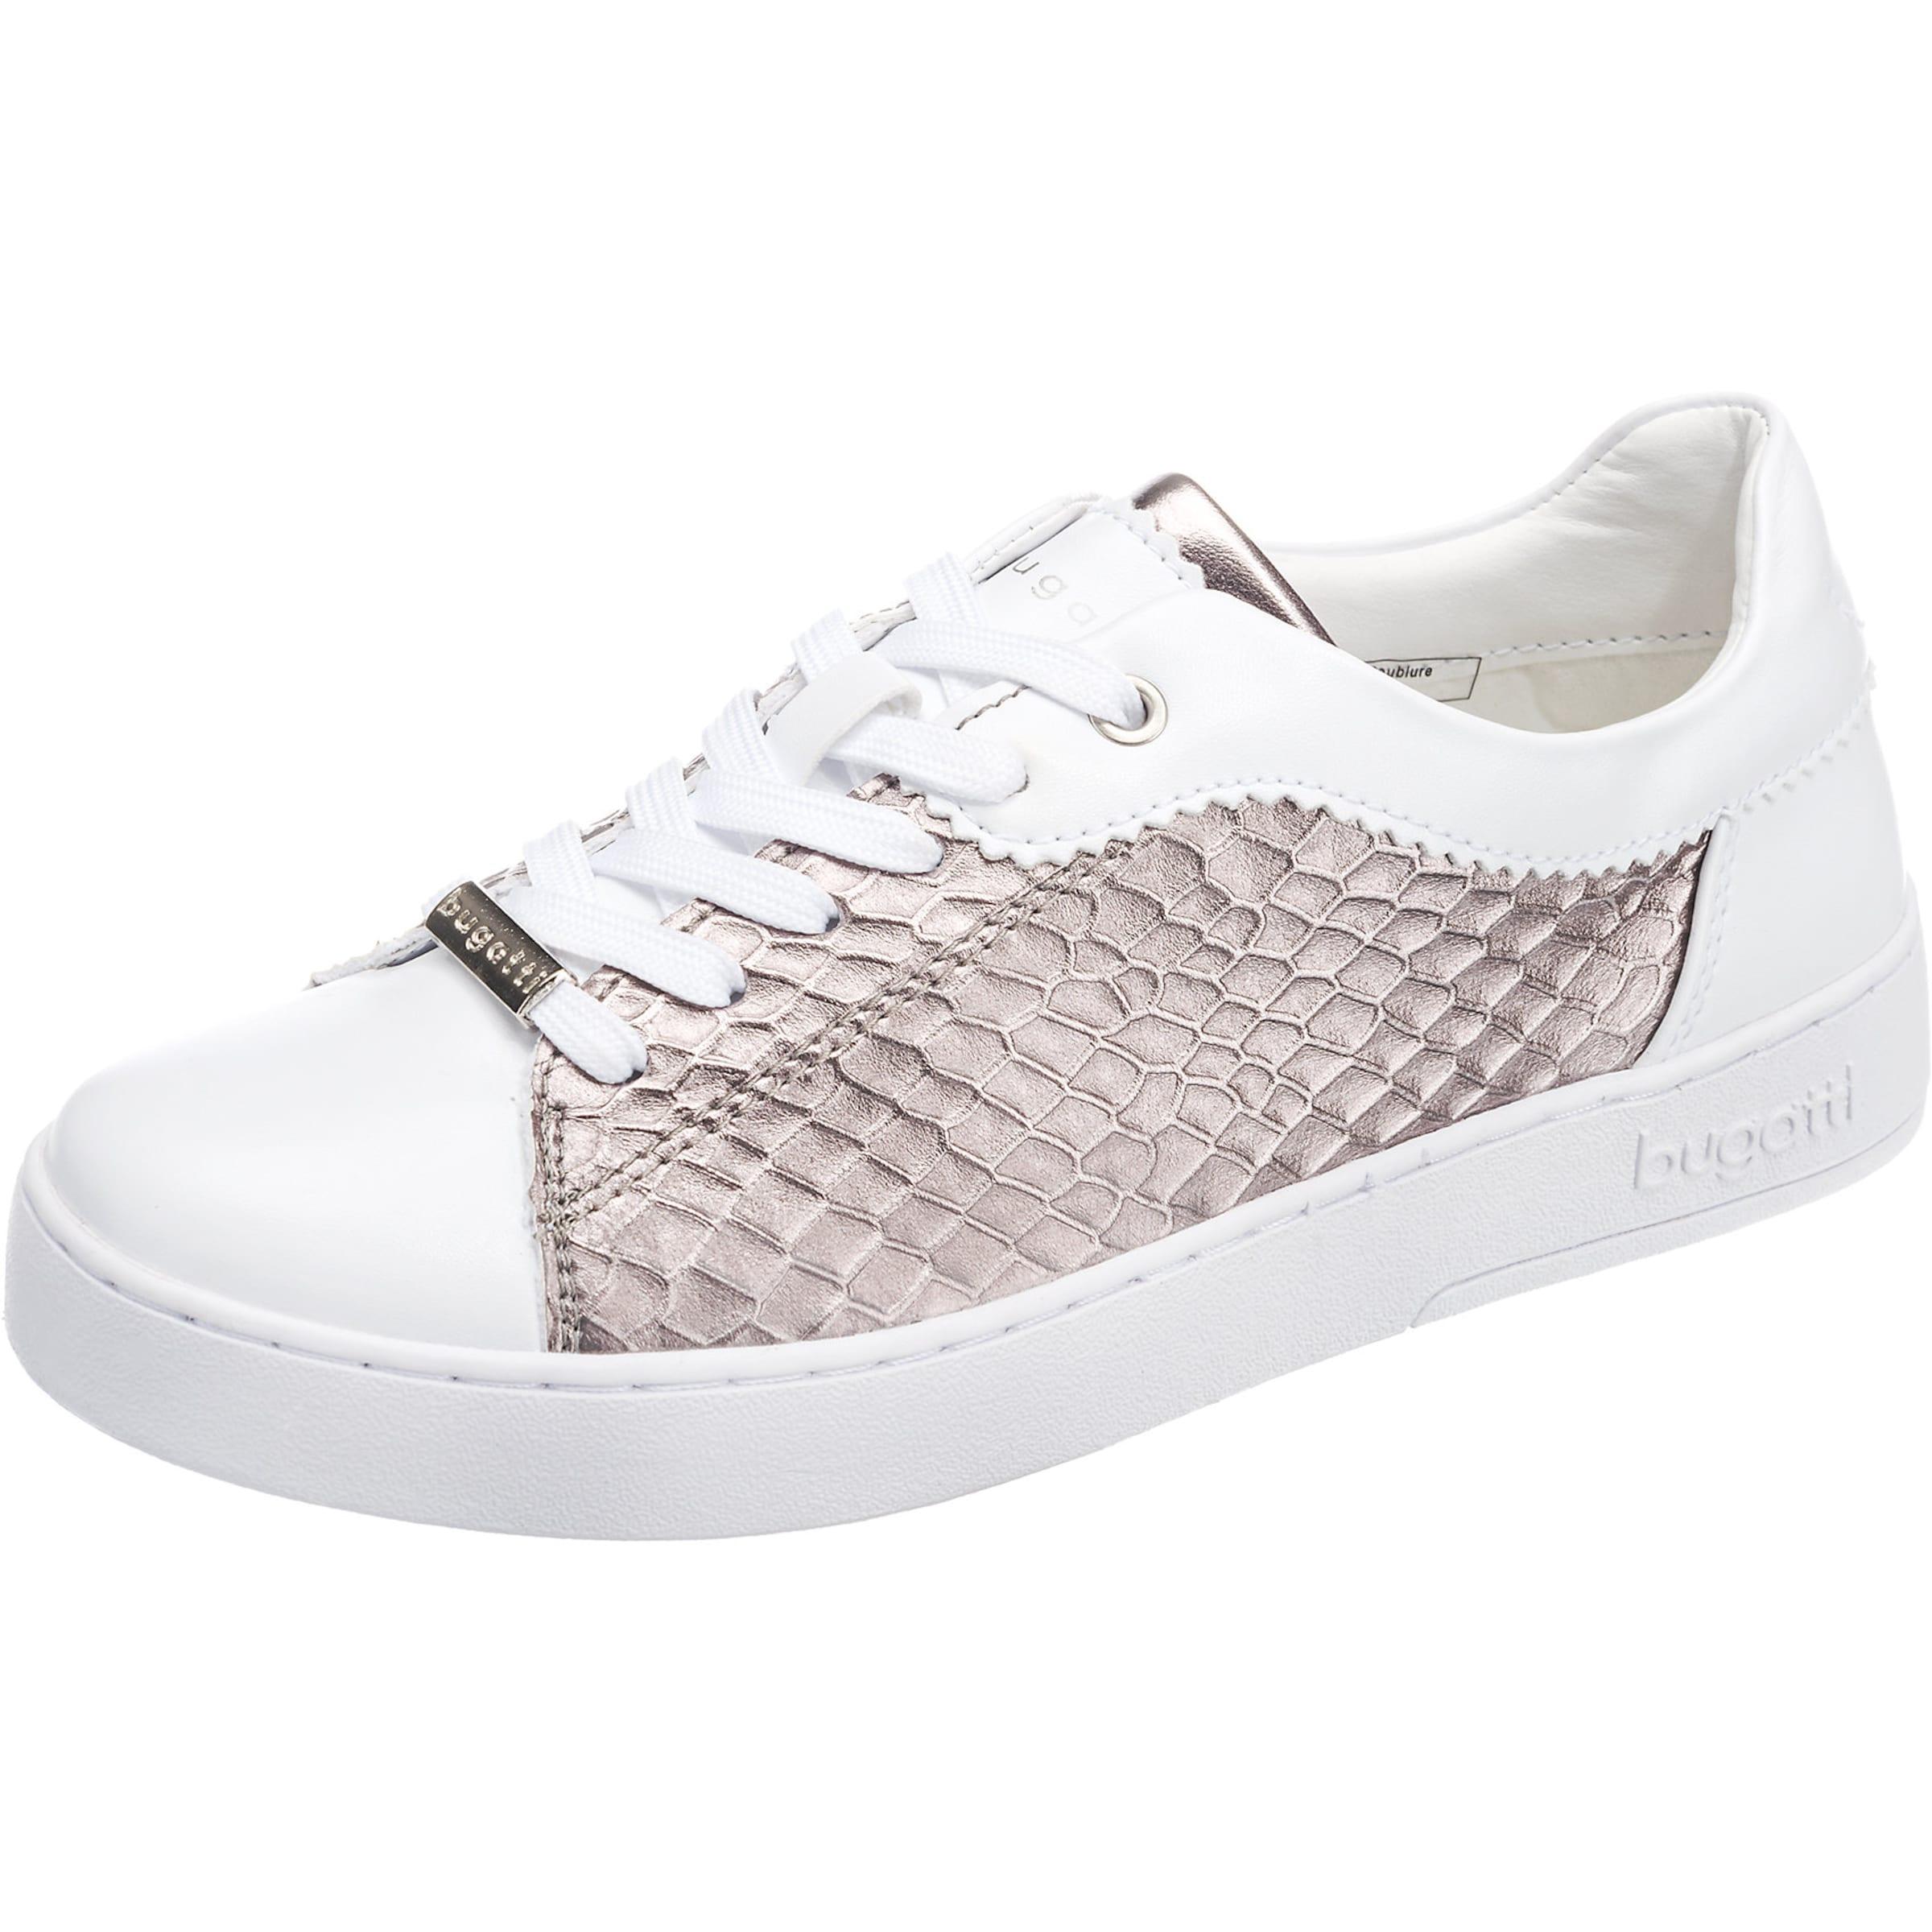 bugatti Sneaker mit Metallic-Look Verschleißfeste billige Schuhe